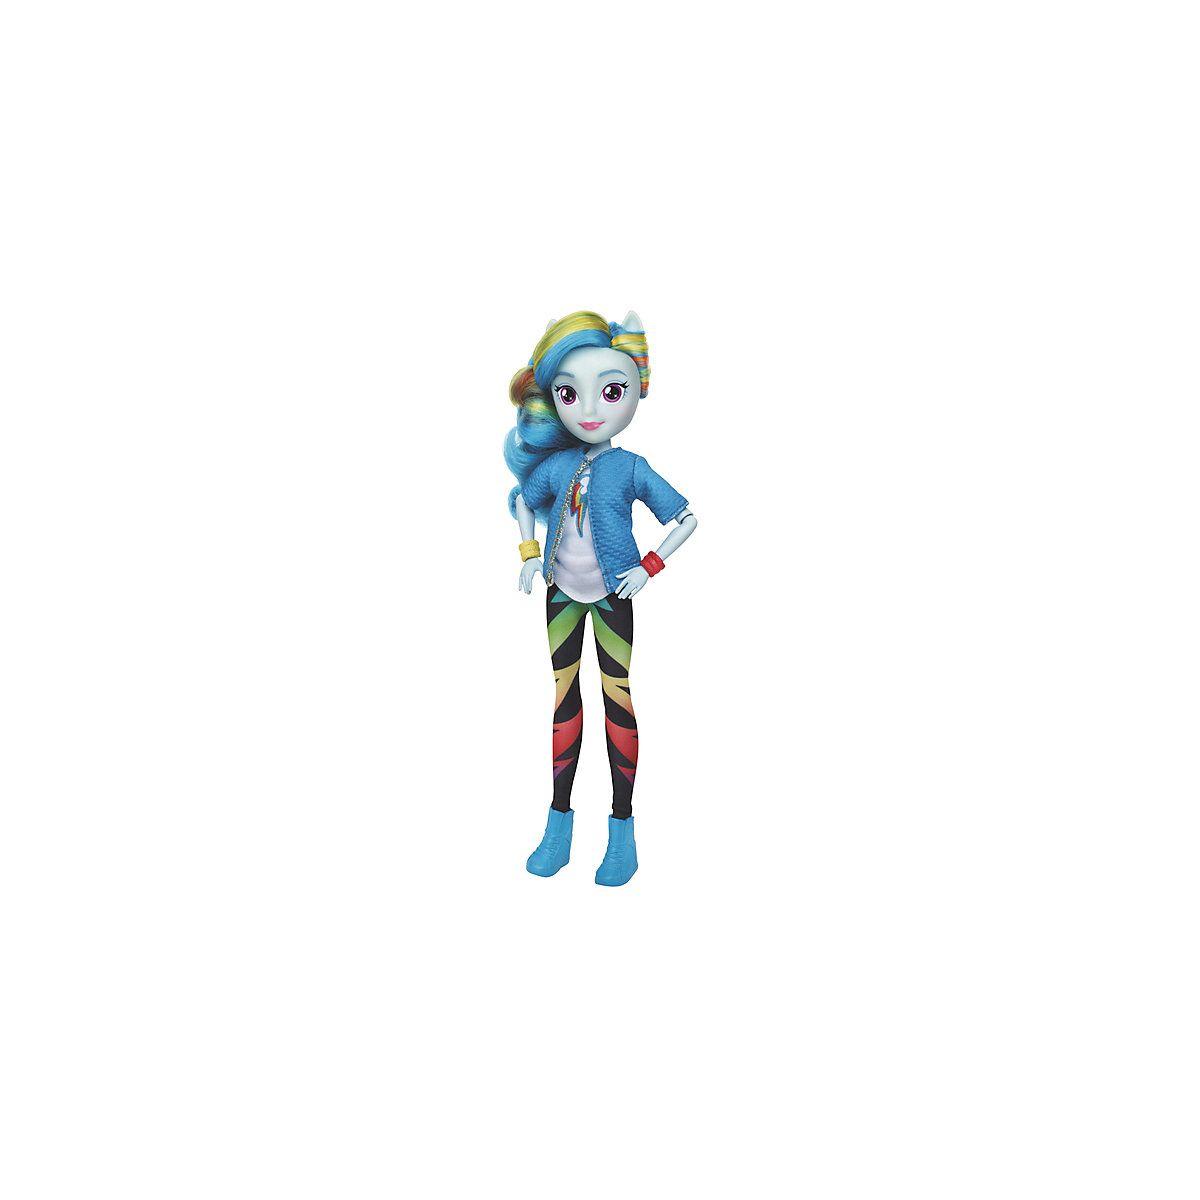 HASBRO Puppen 9170540 Mädchen spielzeug für kinder mädchen spielzeug mode puppe spiel spielen zubehör kinder freundin MTpromo